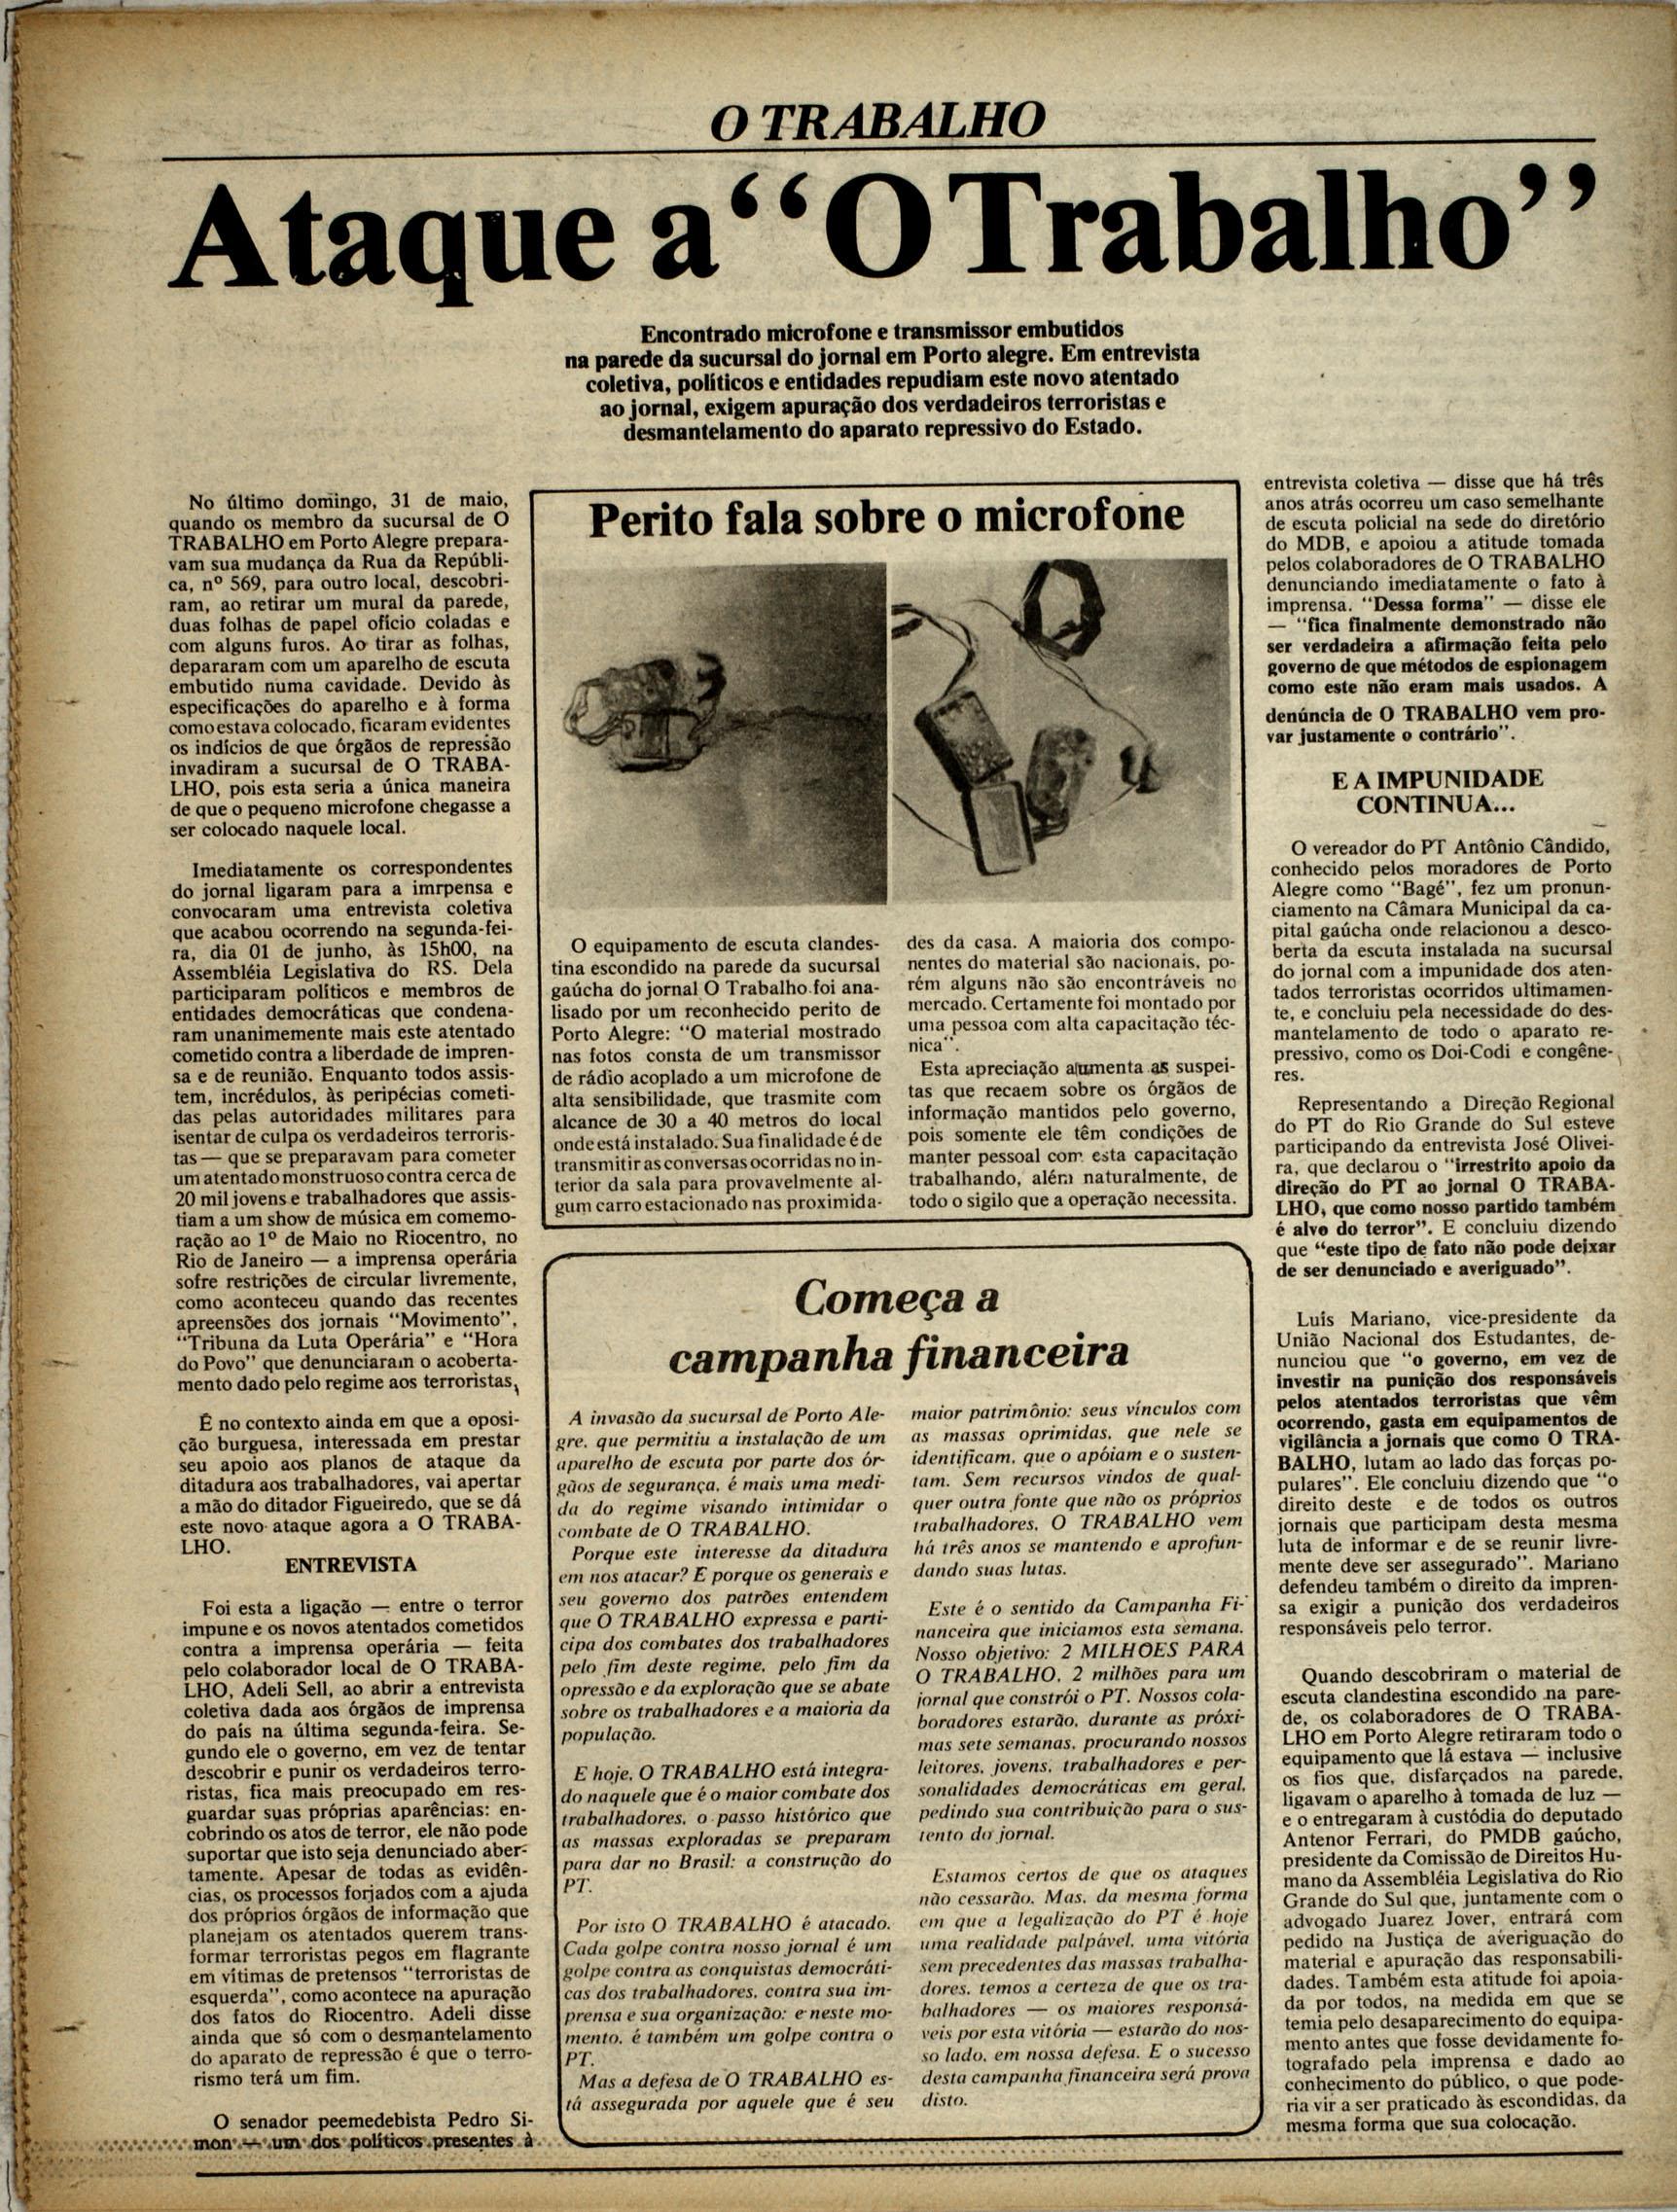 Ataque a O Trabalho denunciado em suas páginas - edição 108 (arquivo da redação)